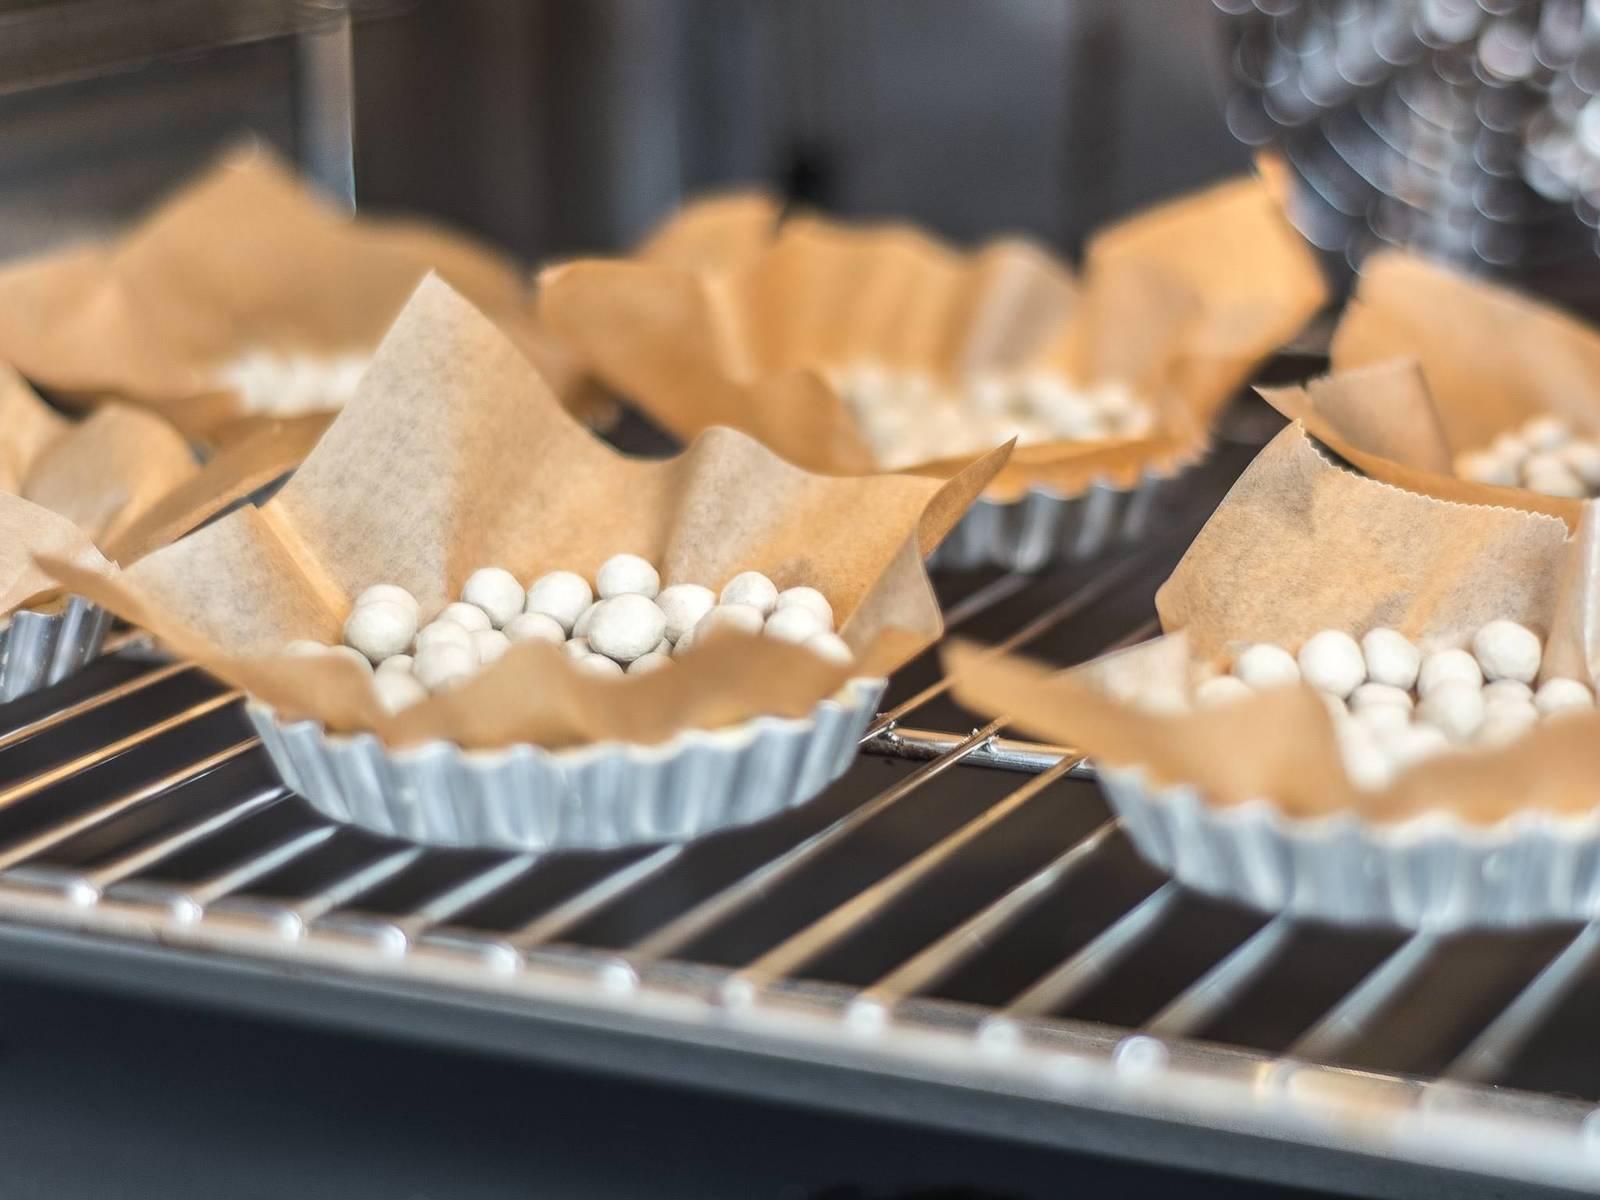 放入已预热至180摄氏度的烤箱中烤约15分钟,然后取出冷却备用。